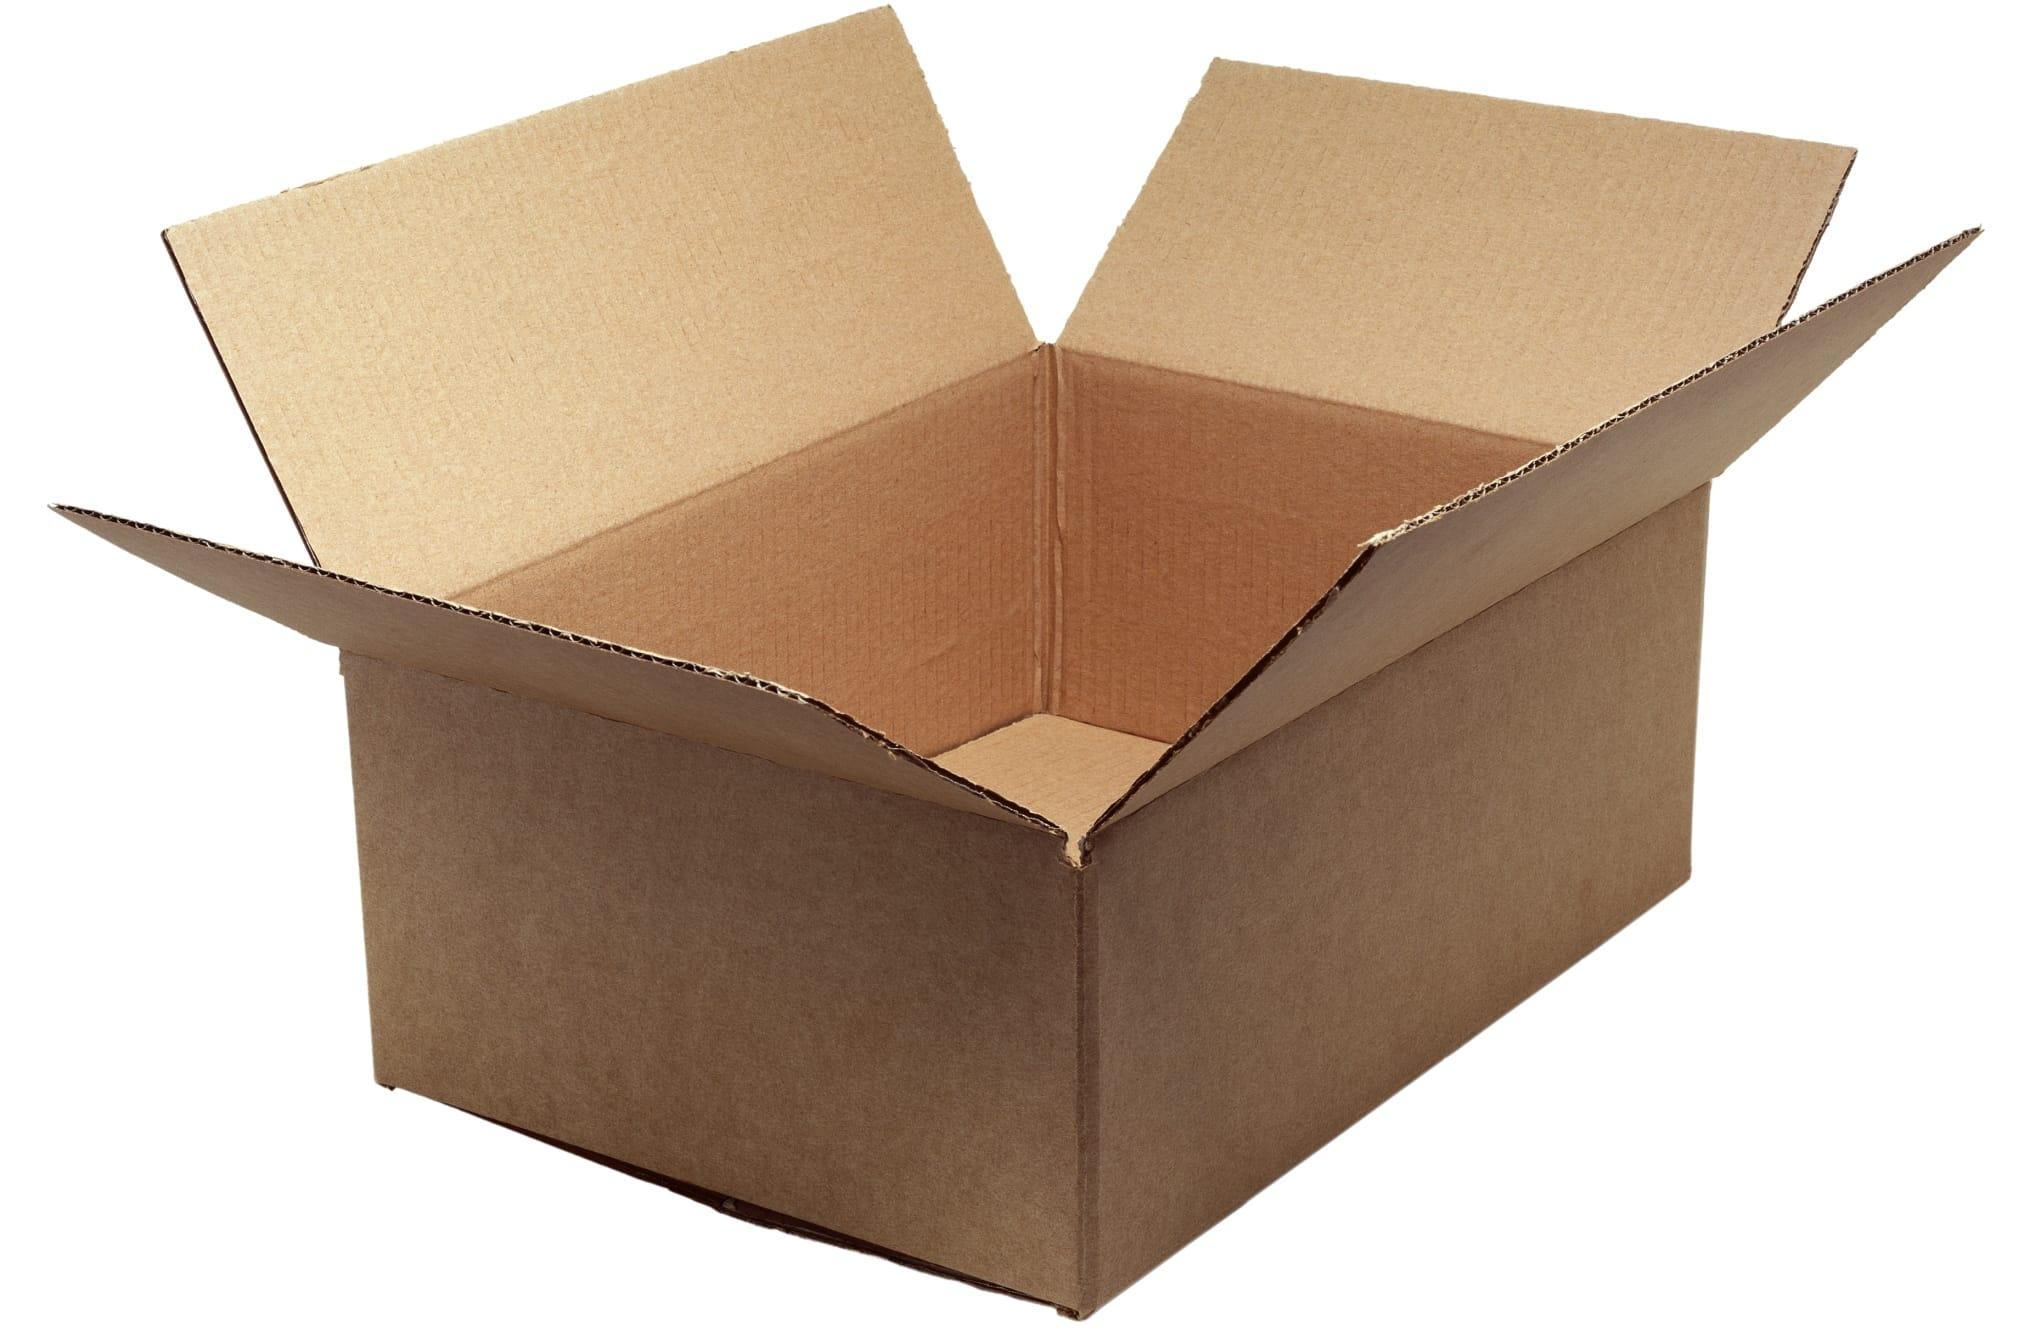 Lampada di cartone fai da te con materiali di riciclo - Non Sprecare